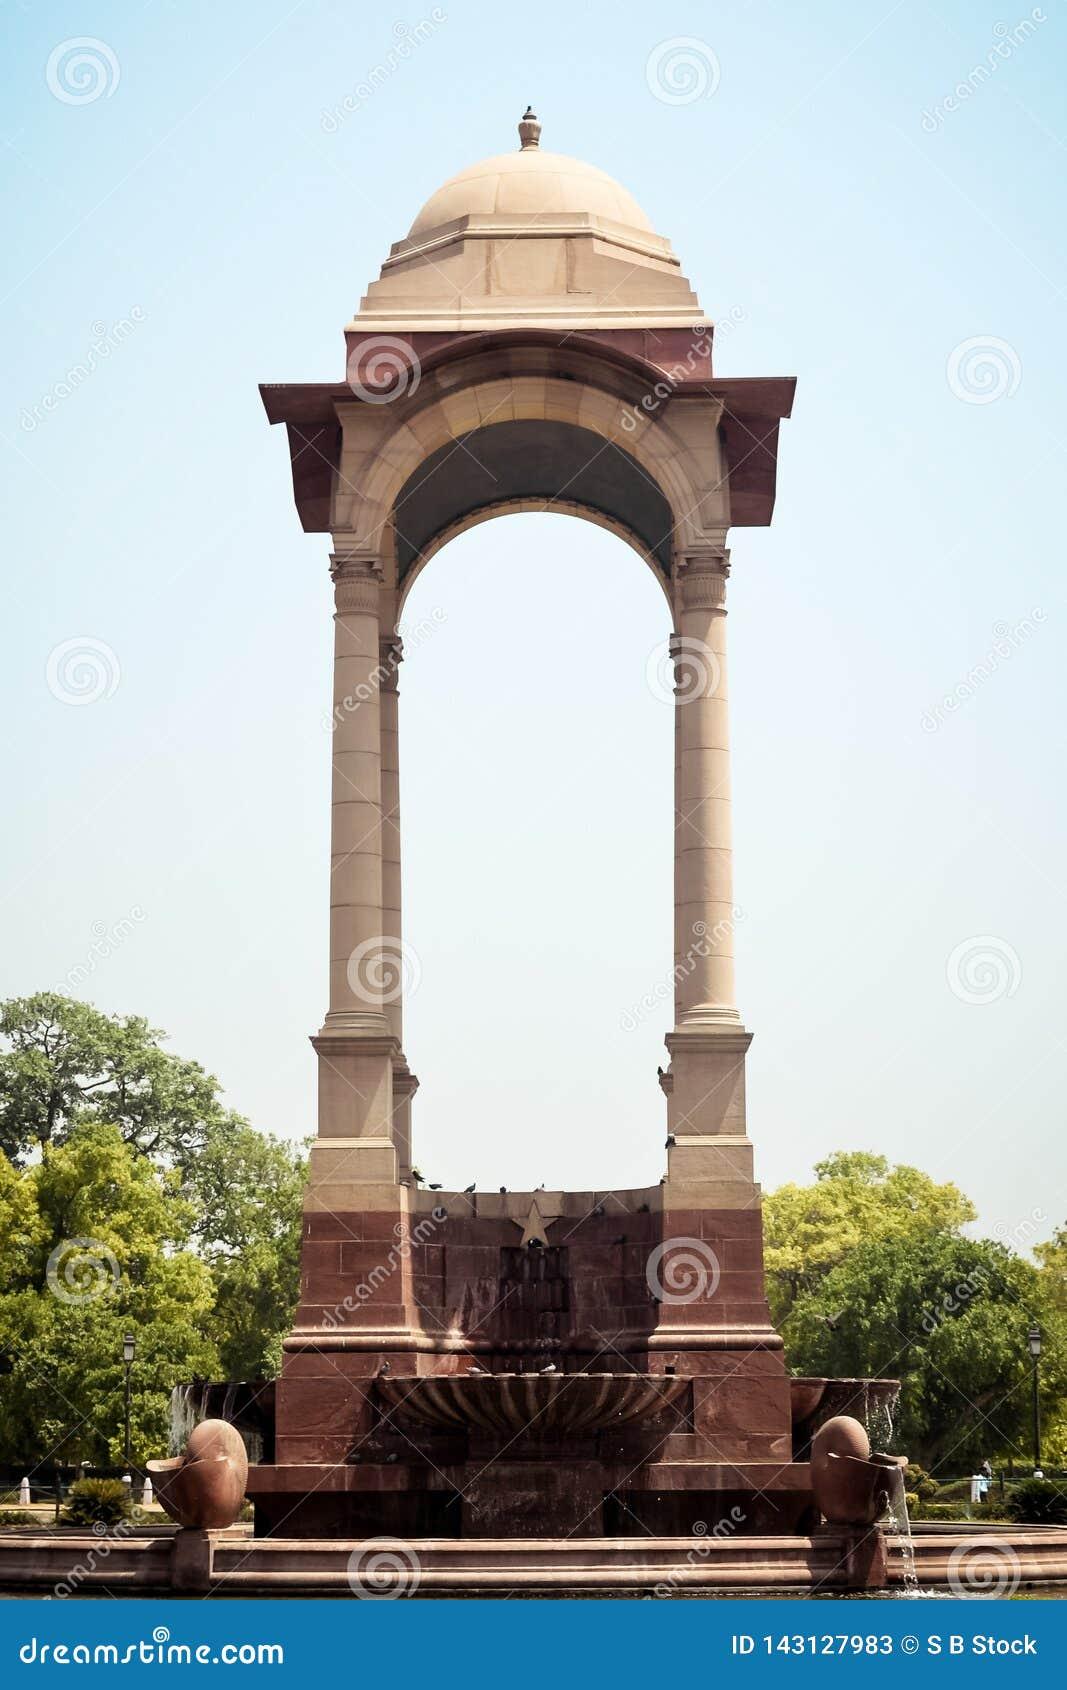 Rajpath, colina de Raisina, India Gate, Nueva Deli, la India enero de 2019: El toldo vacante, construido en piedra arenisca roja,